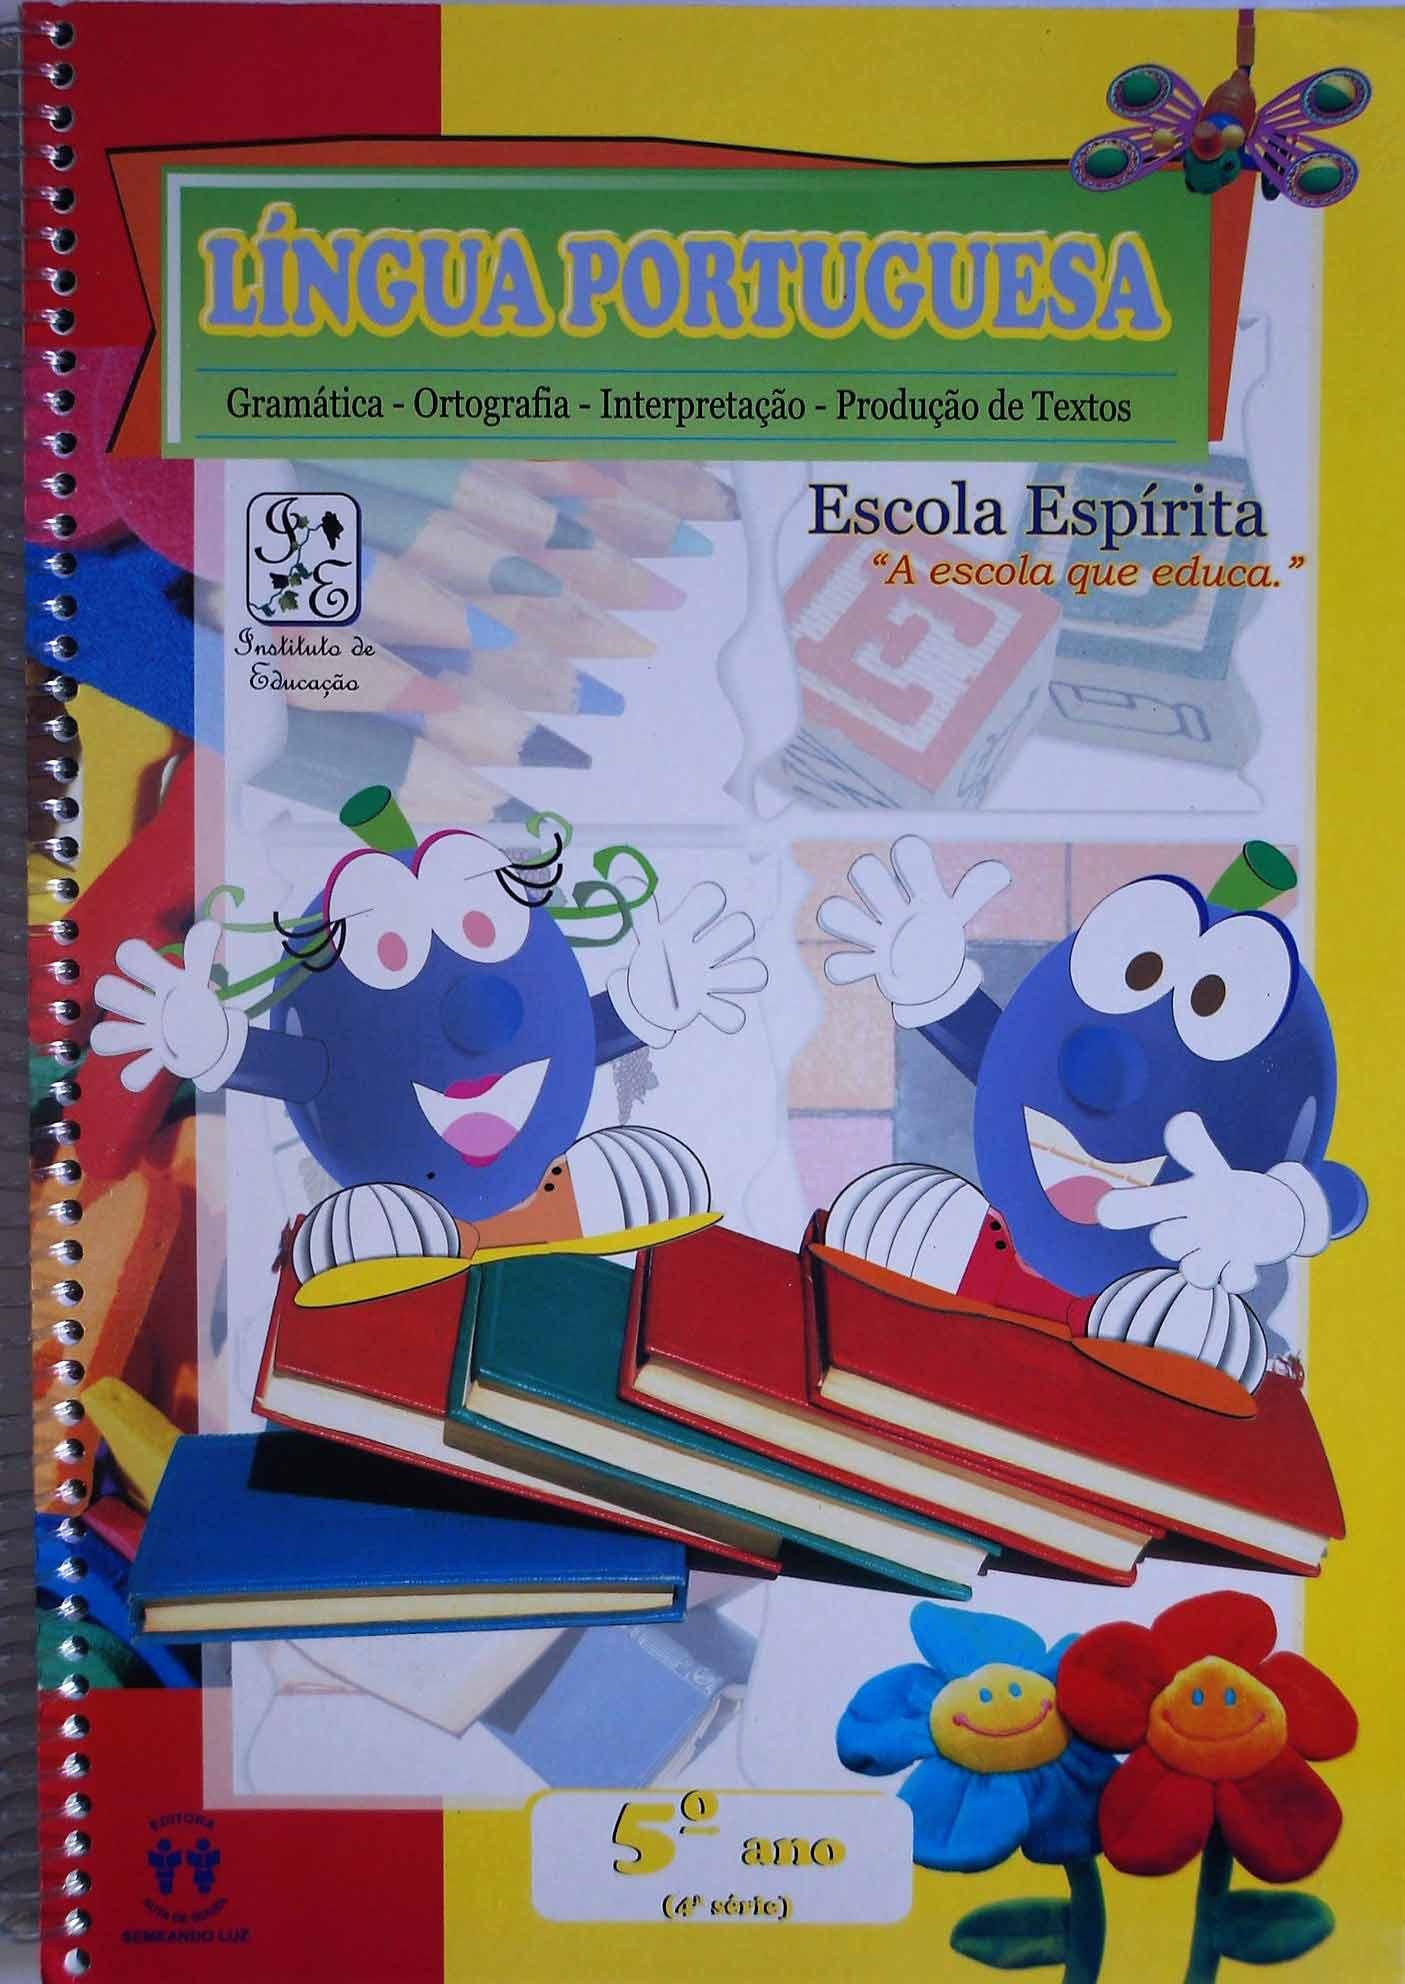 LÍNGUA PORTUGUESA - ESCOLA ESPÍRITA - 5º ANO